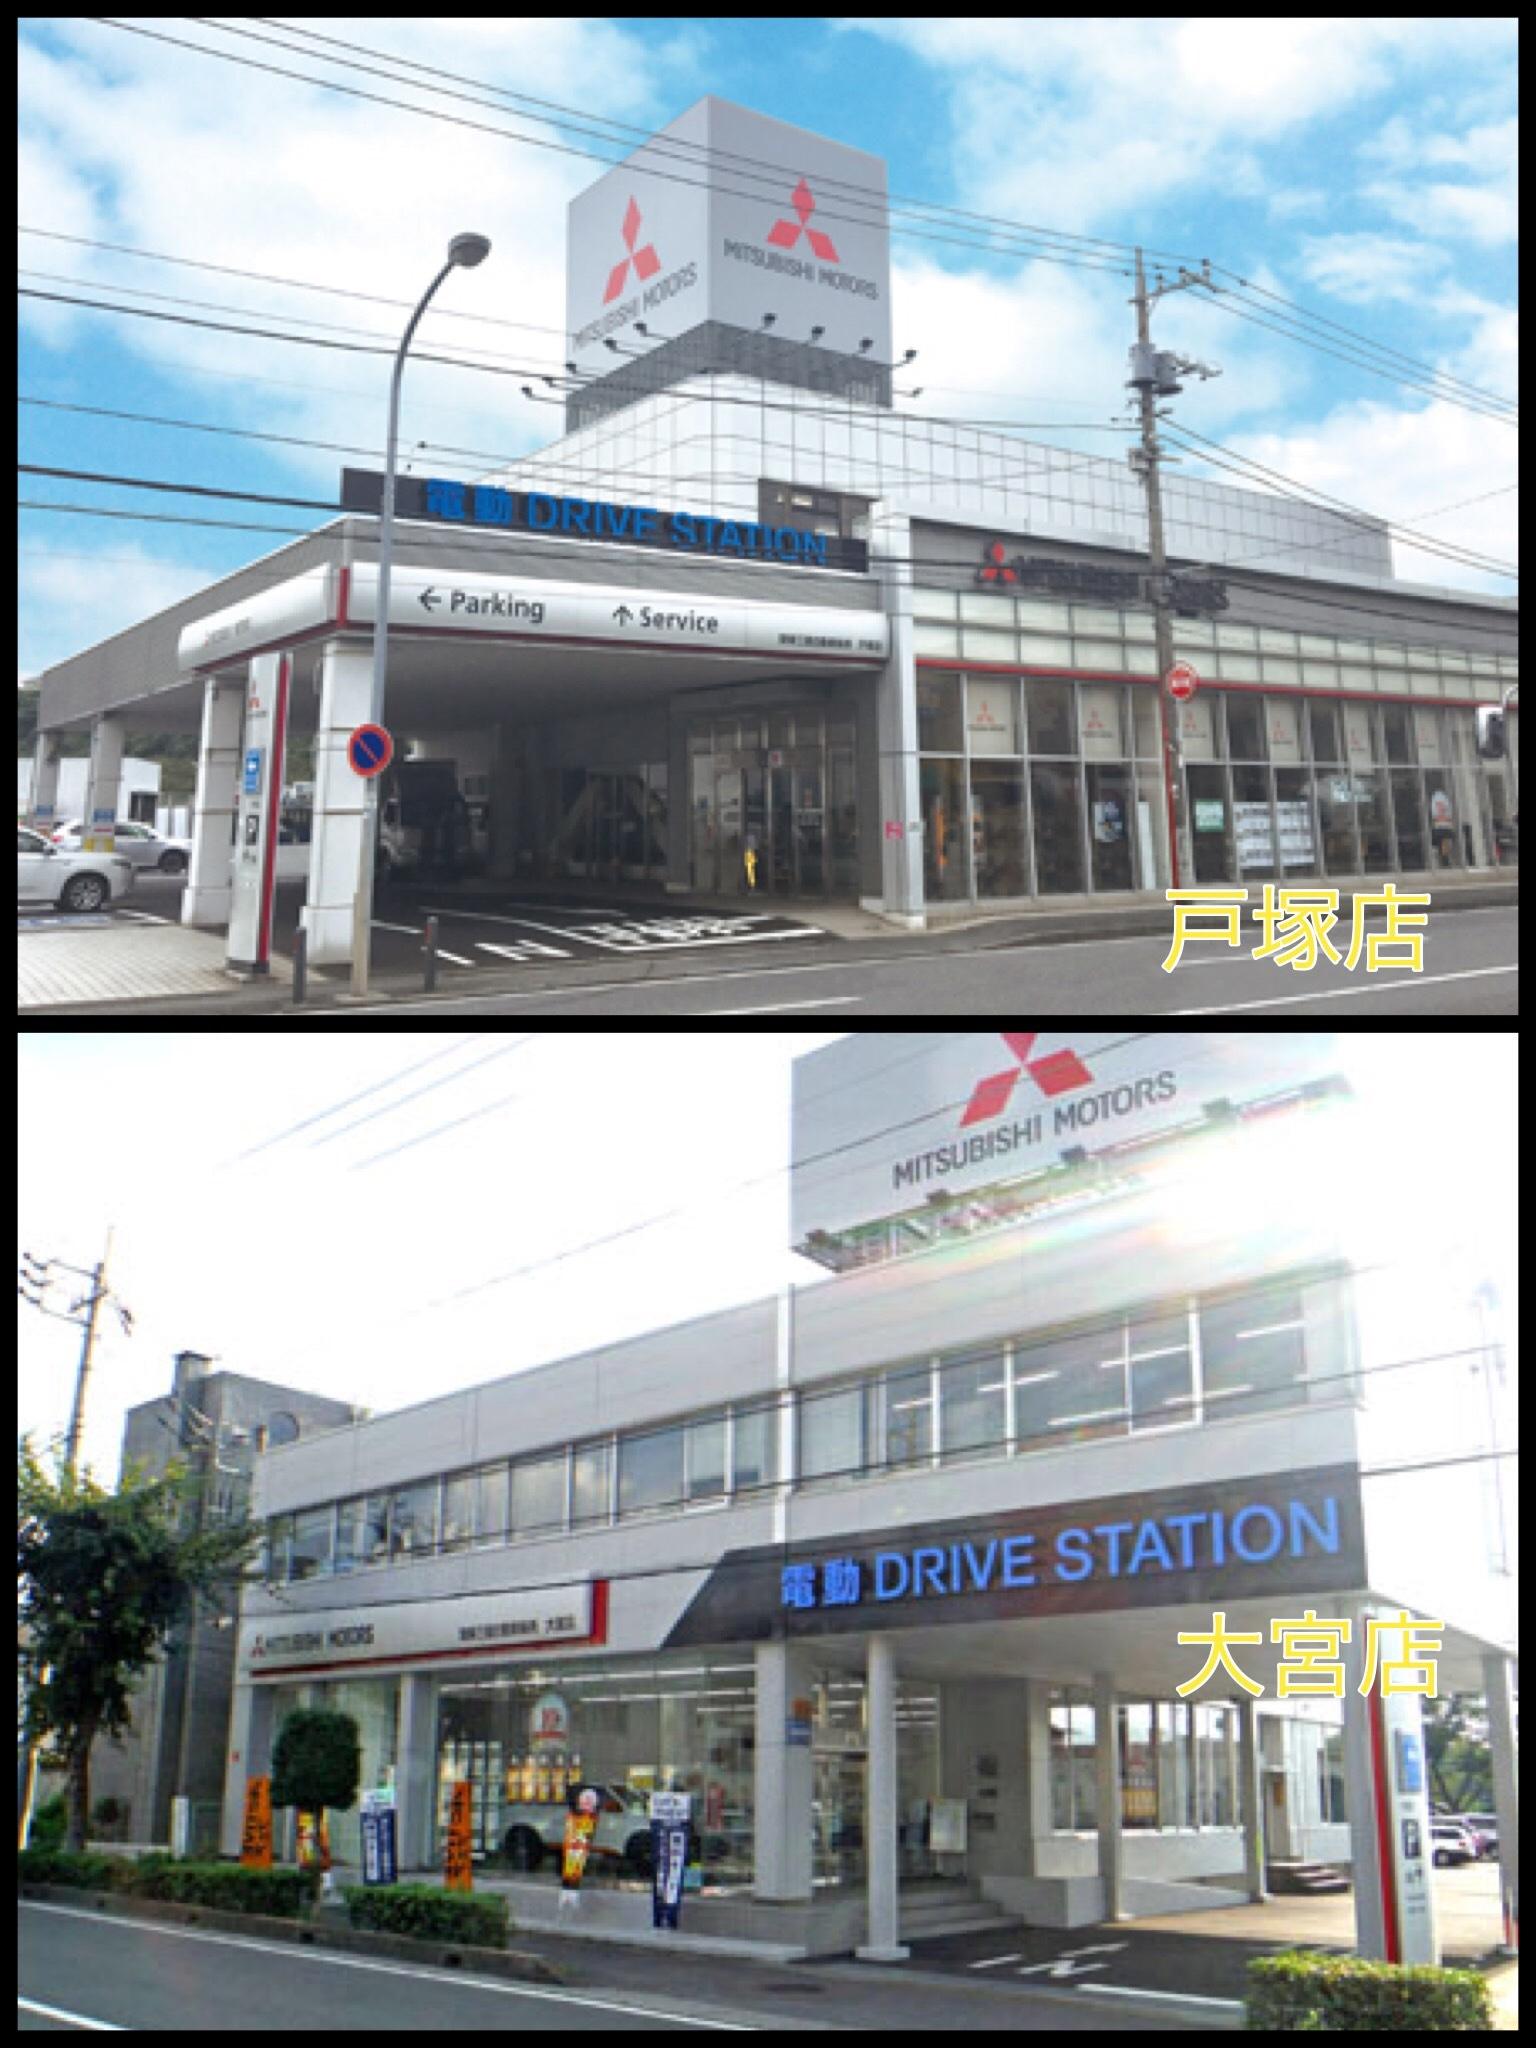 三菱ディーラー 電動DRIVE STATION 電動ドライブステーション 戸塚